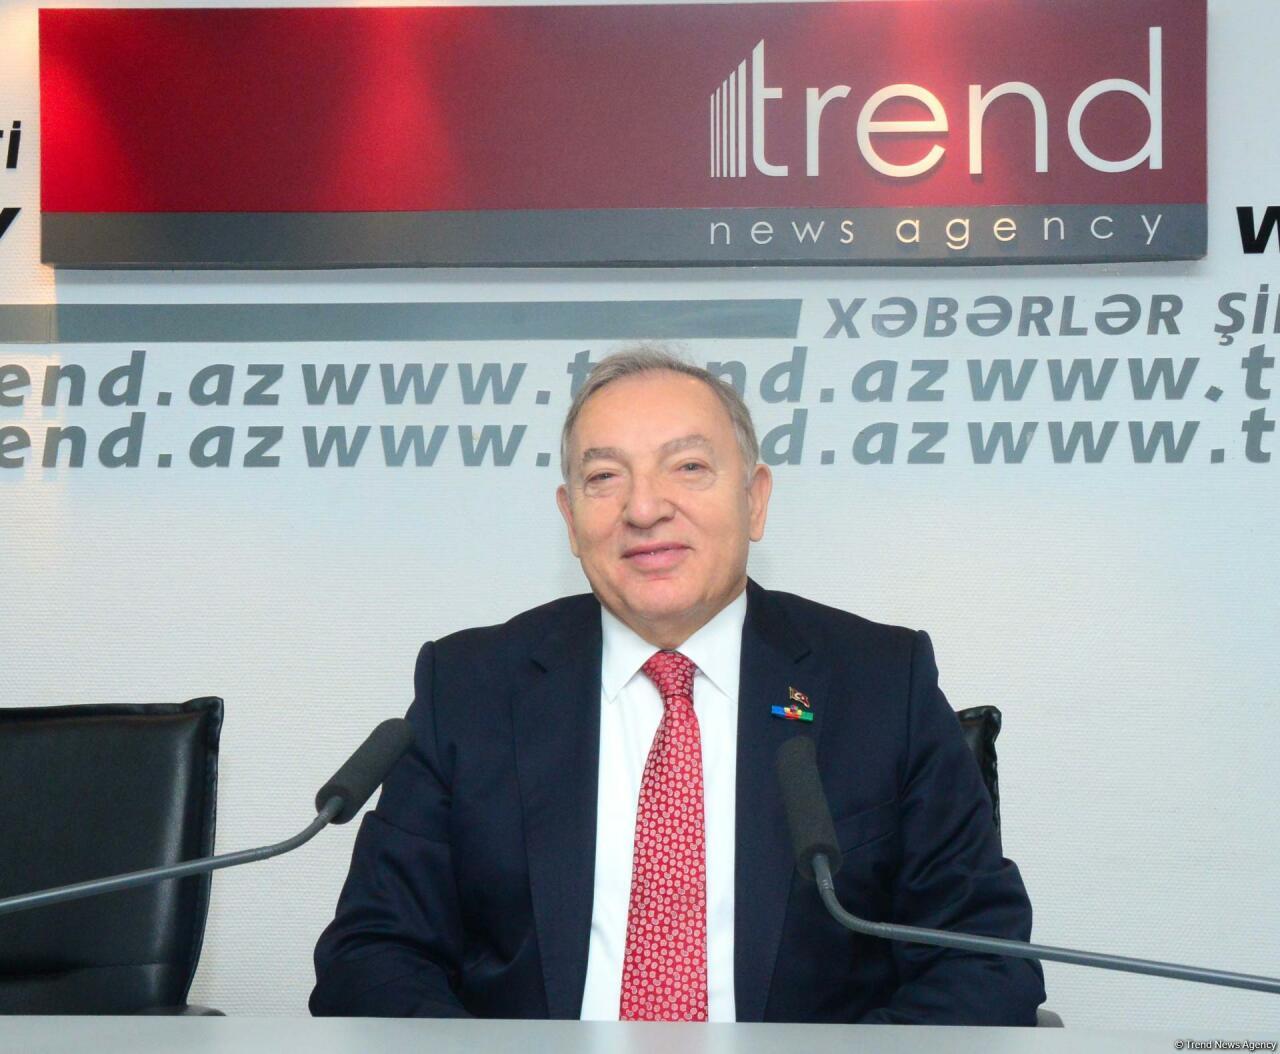 Азербайджано-турецкая комиссия будет расследовать военные преступления Армении в Карабахе